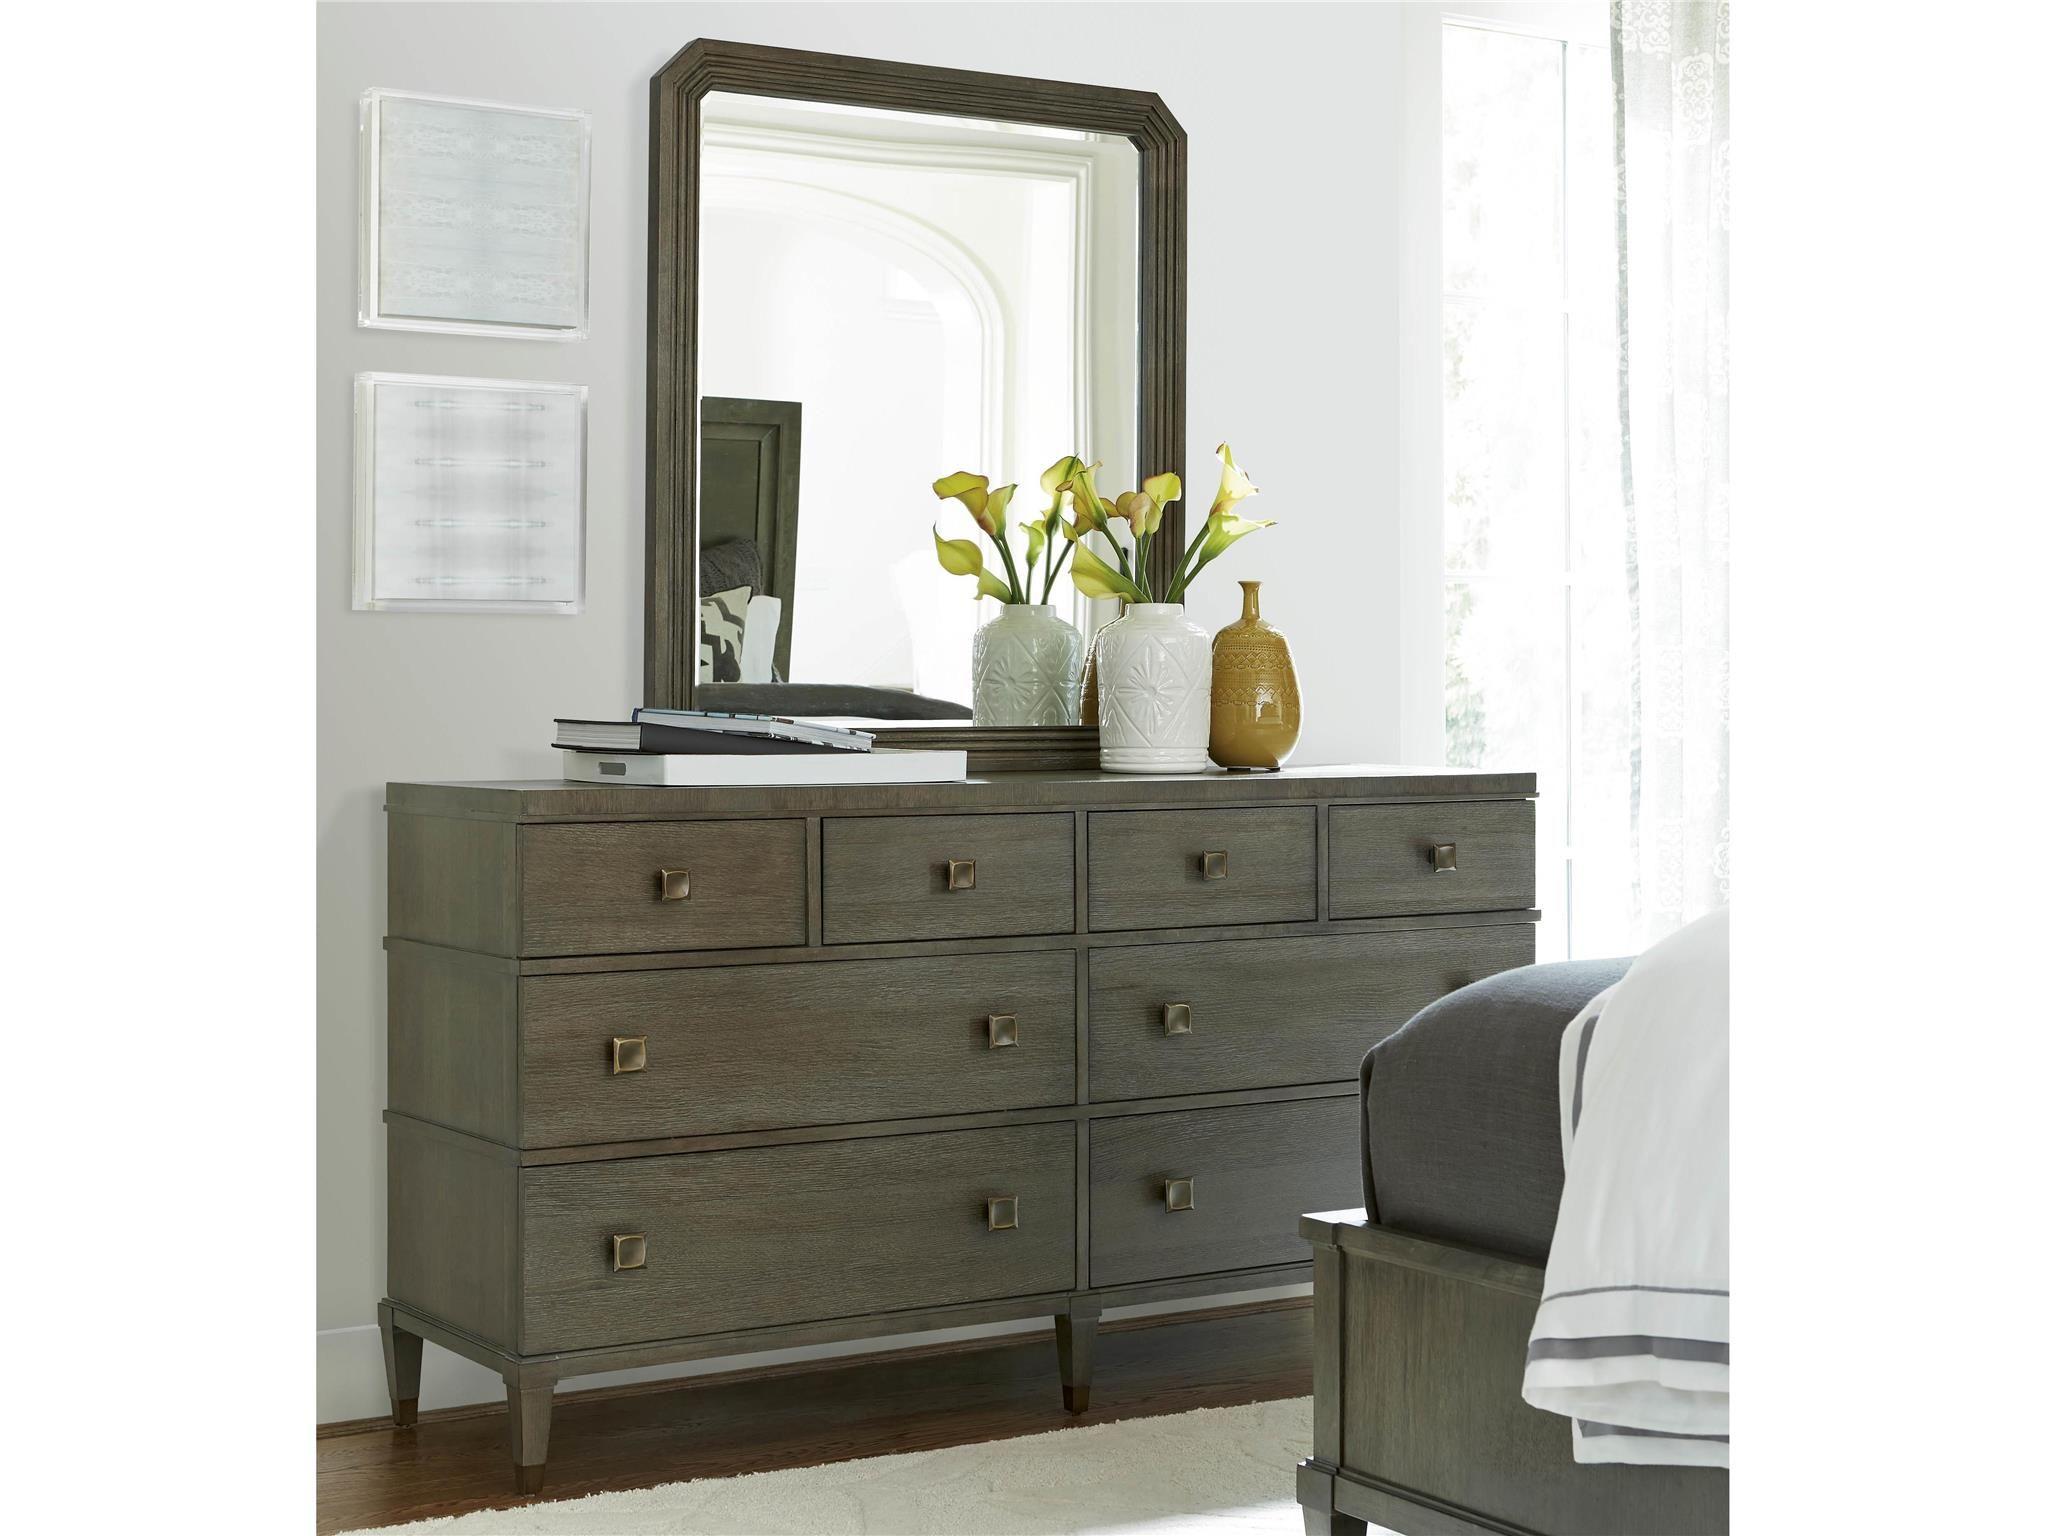 Universal Furniture Bedroom The Playlist Dresser 507040   Brownleeu0027s  Furniture   Lawrenceville, GA